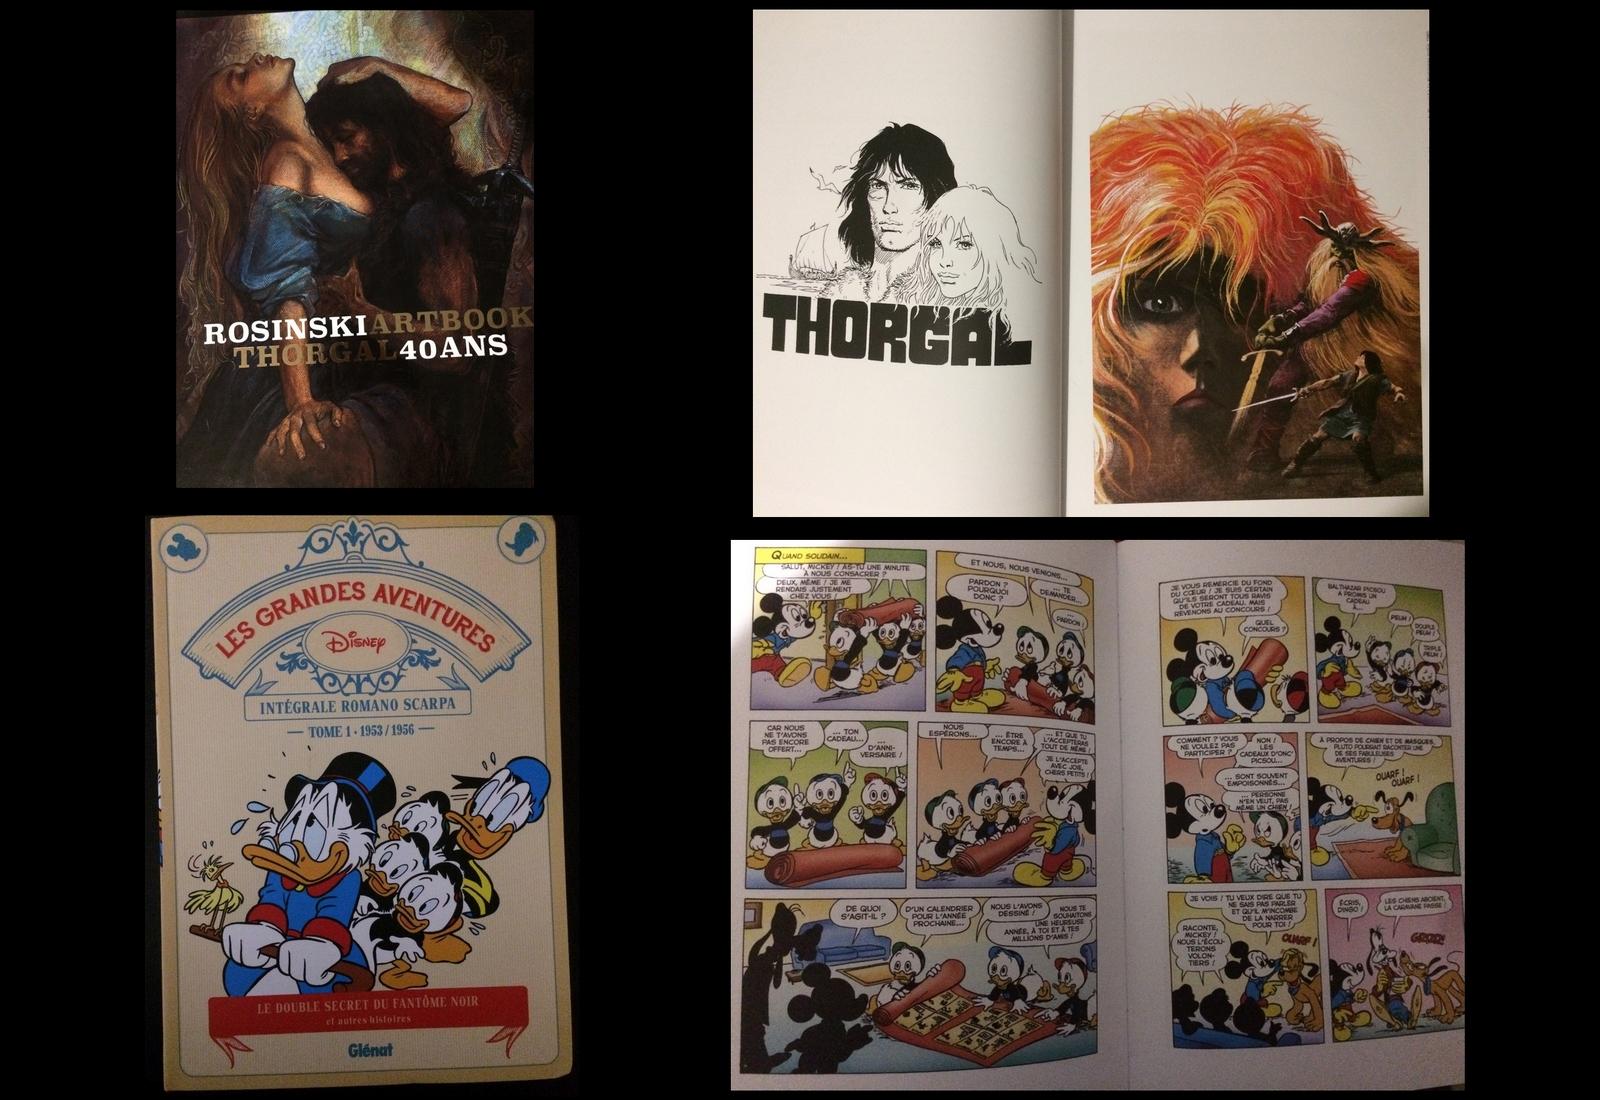 Artbook Rosinski Thorgal 40 ans (Le Lombard) et Les Grandes aventures Disney (Glénat).